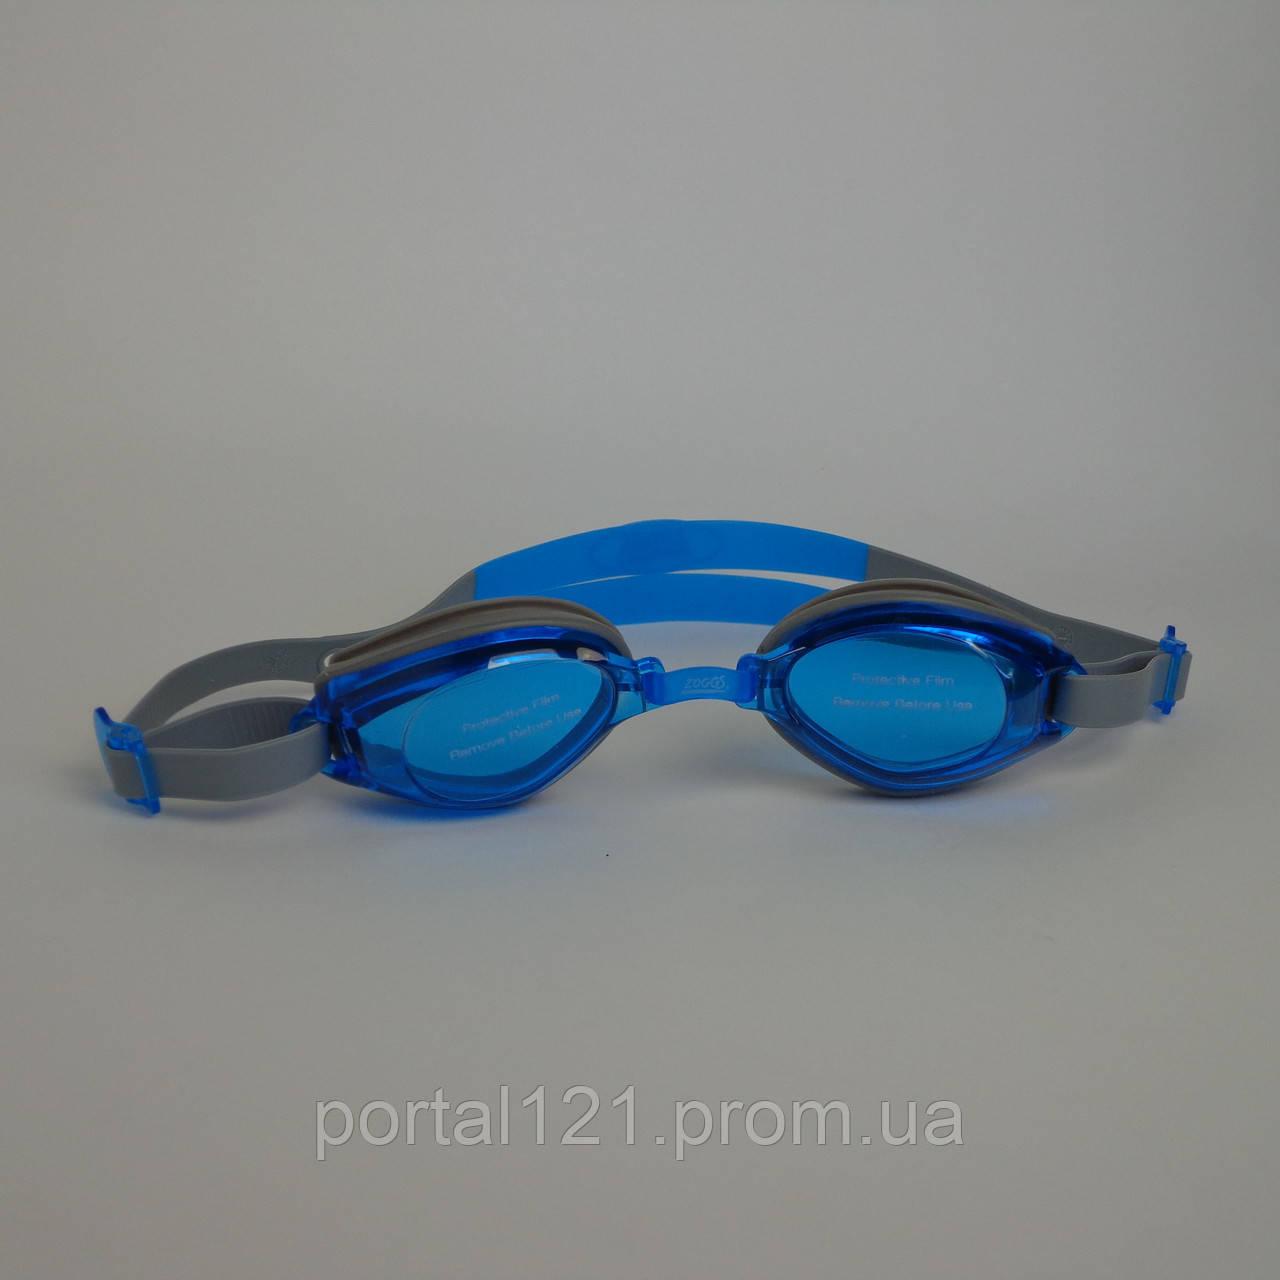 Окуляри для плавання Endura Zoggs